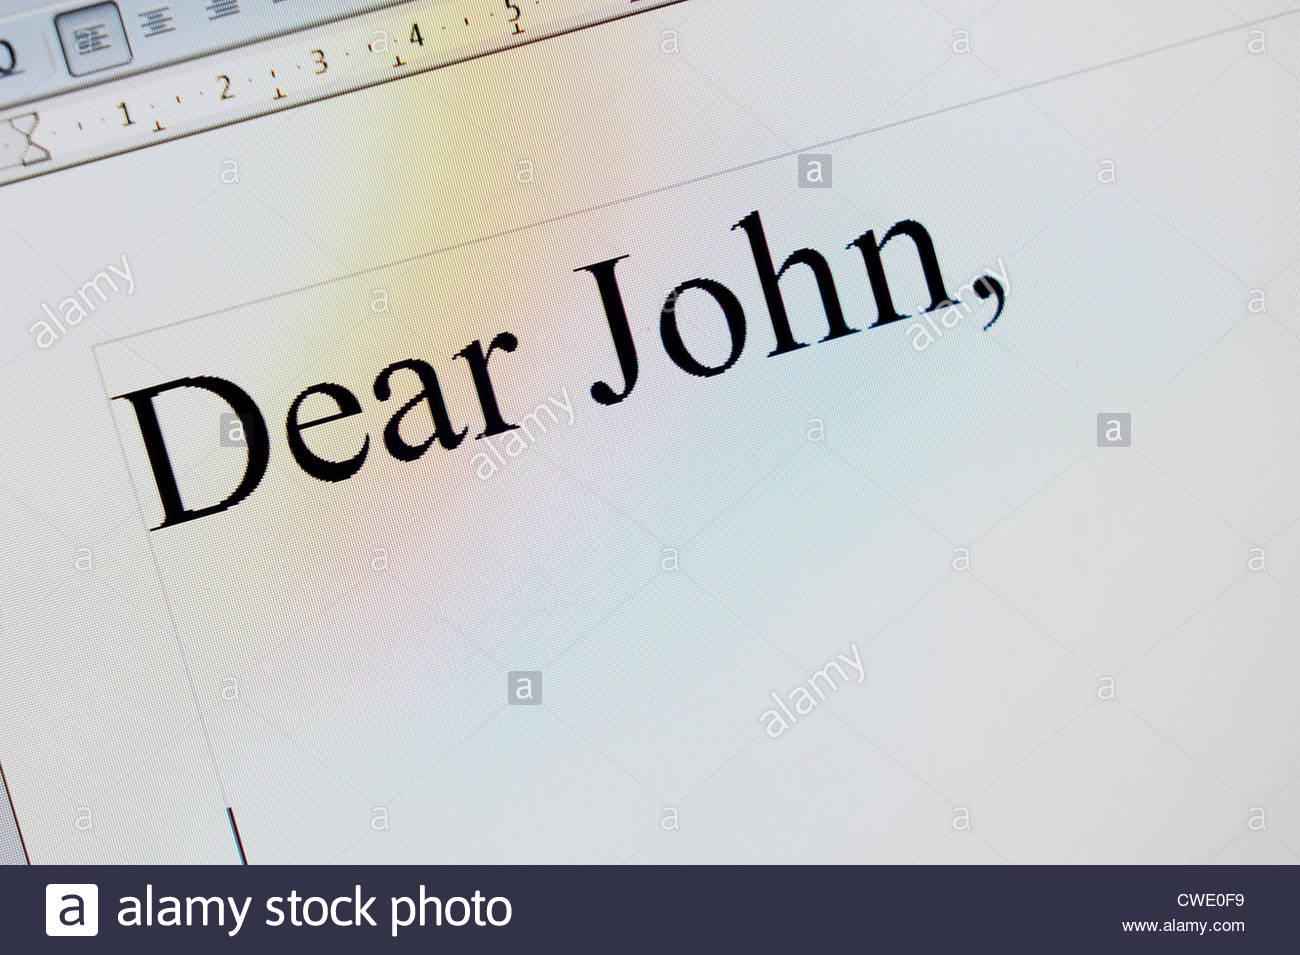 Dear John Letter Stockbild